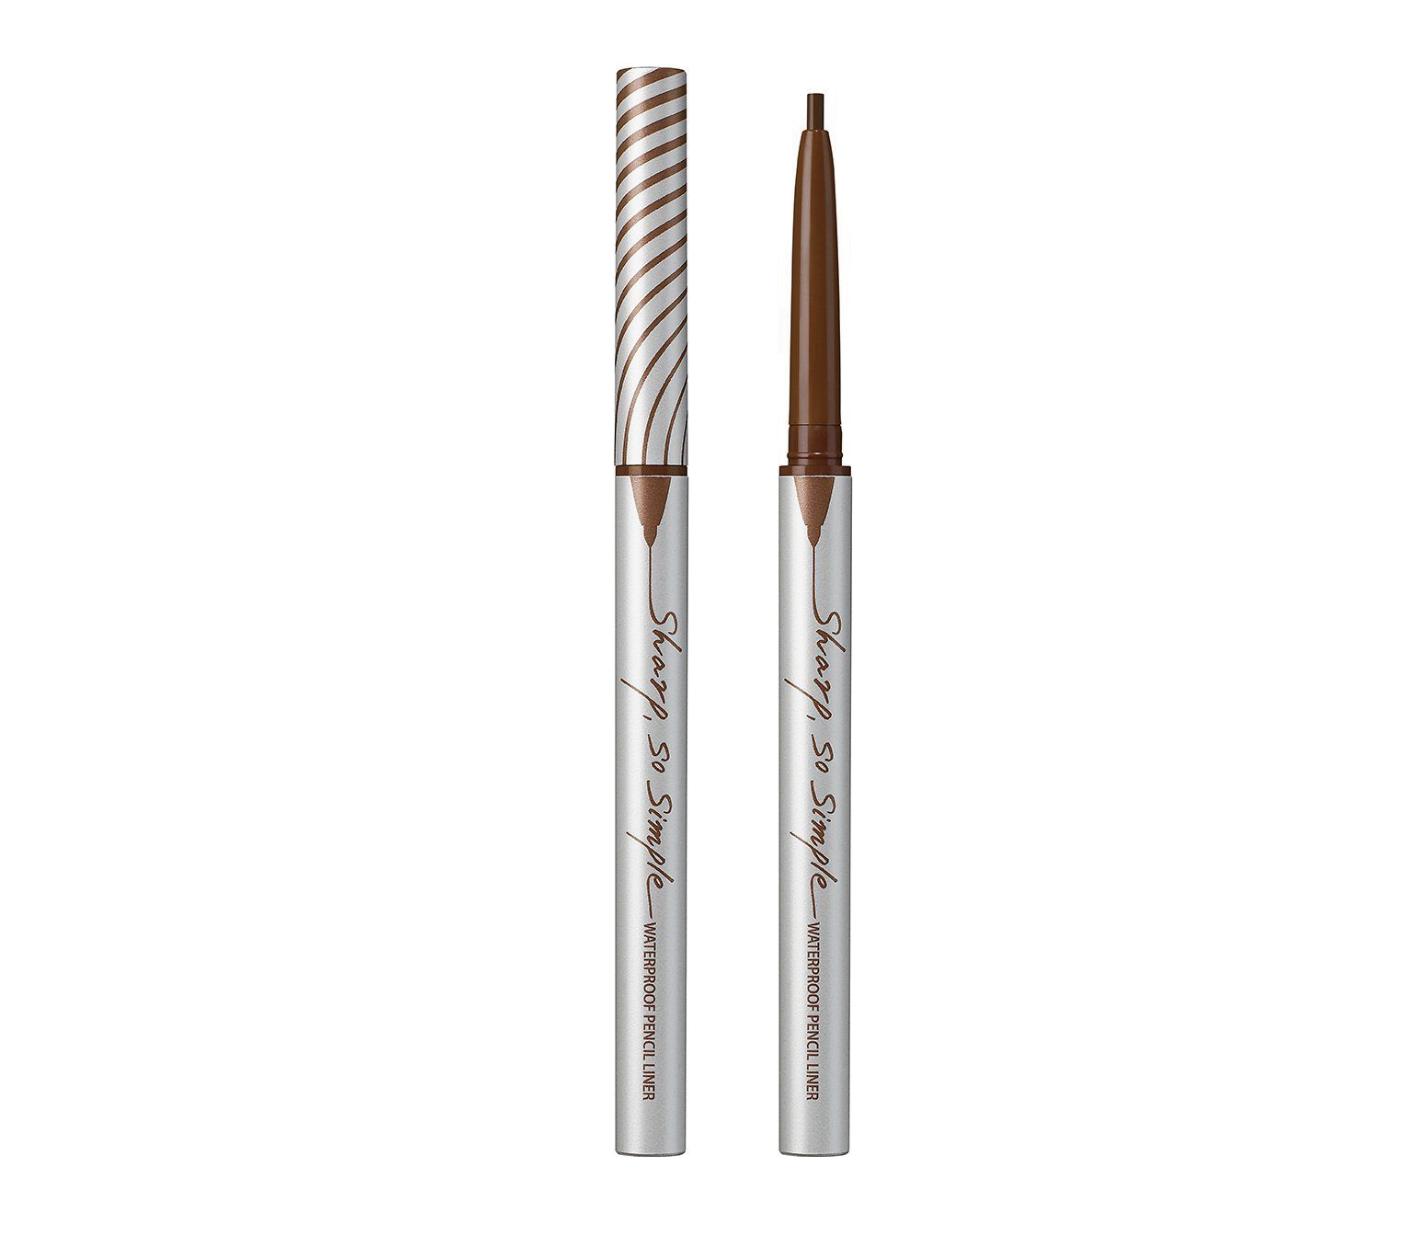 CLIO-meilleur-crayon-eye-liner-waterproof-coreen-sharp-avis-revue